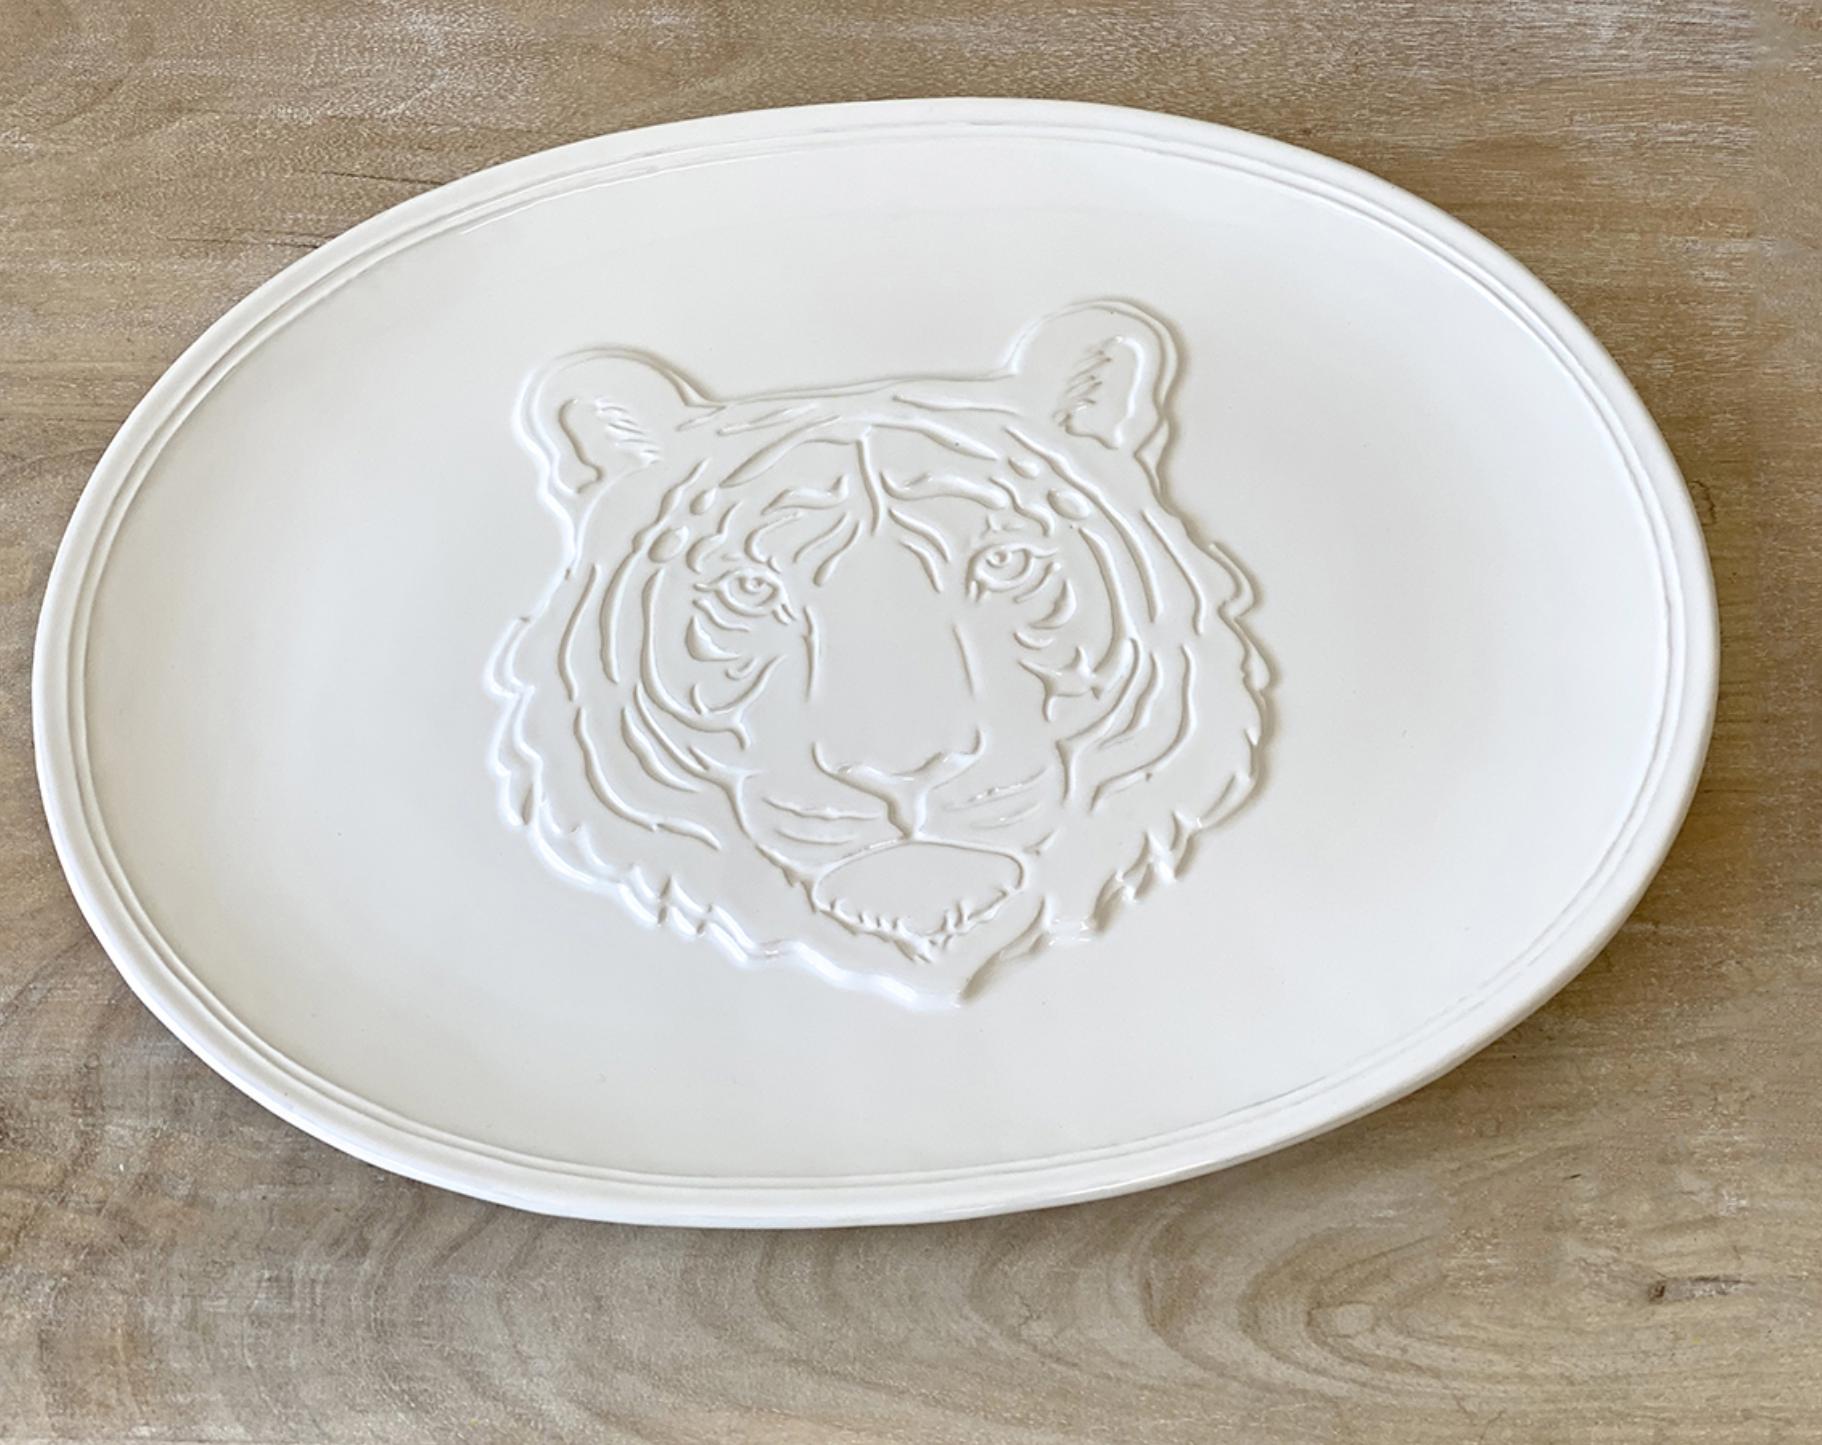 The Royal Standard Go Get 'em Tiger Embossed Platter White 16x12